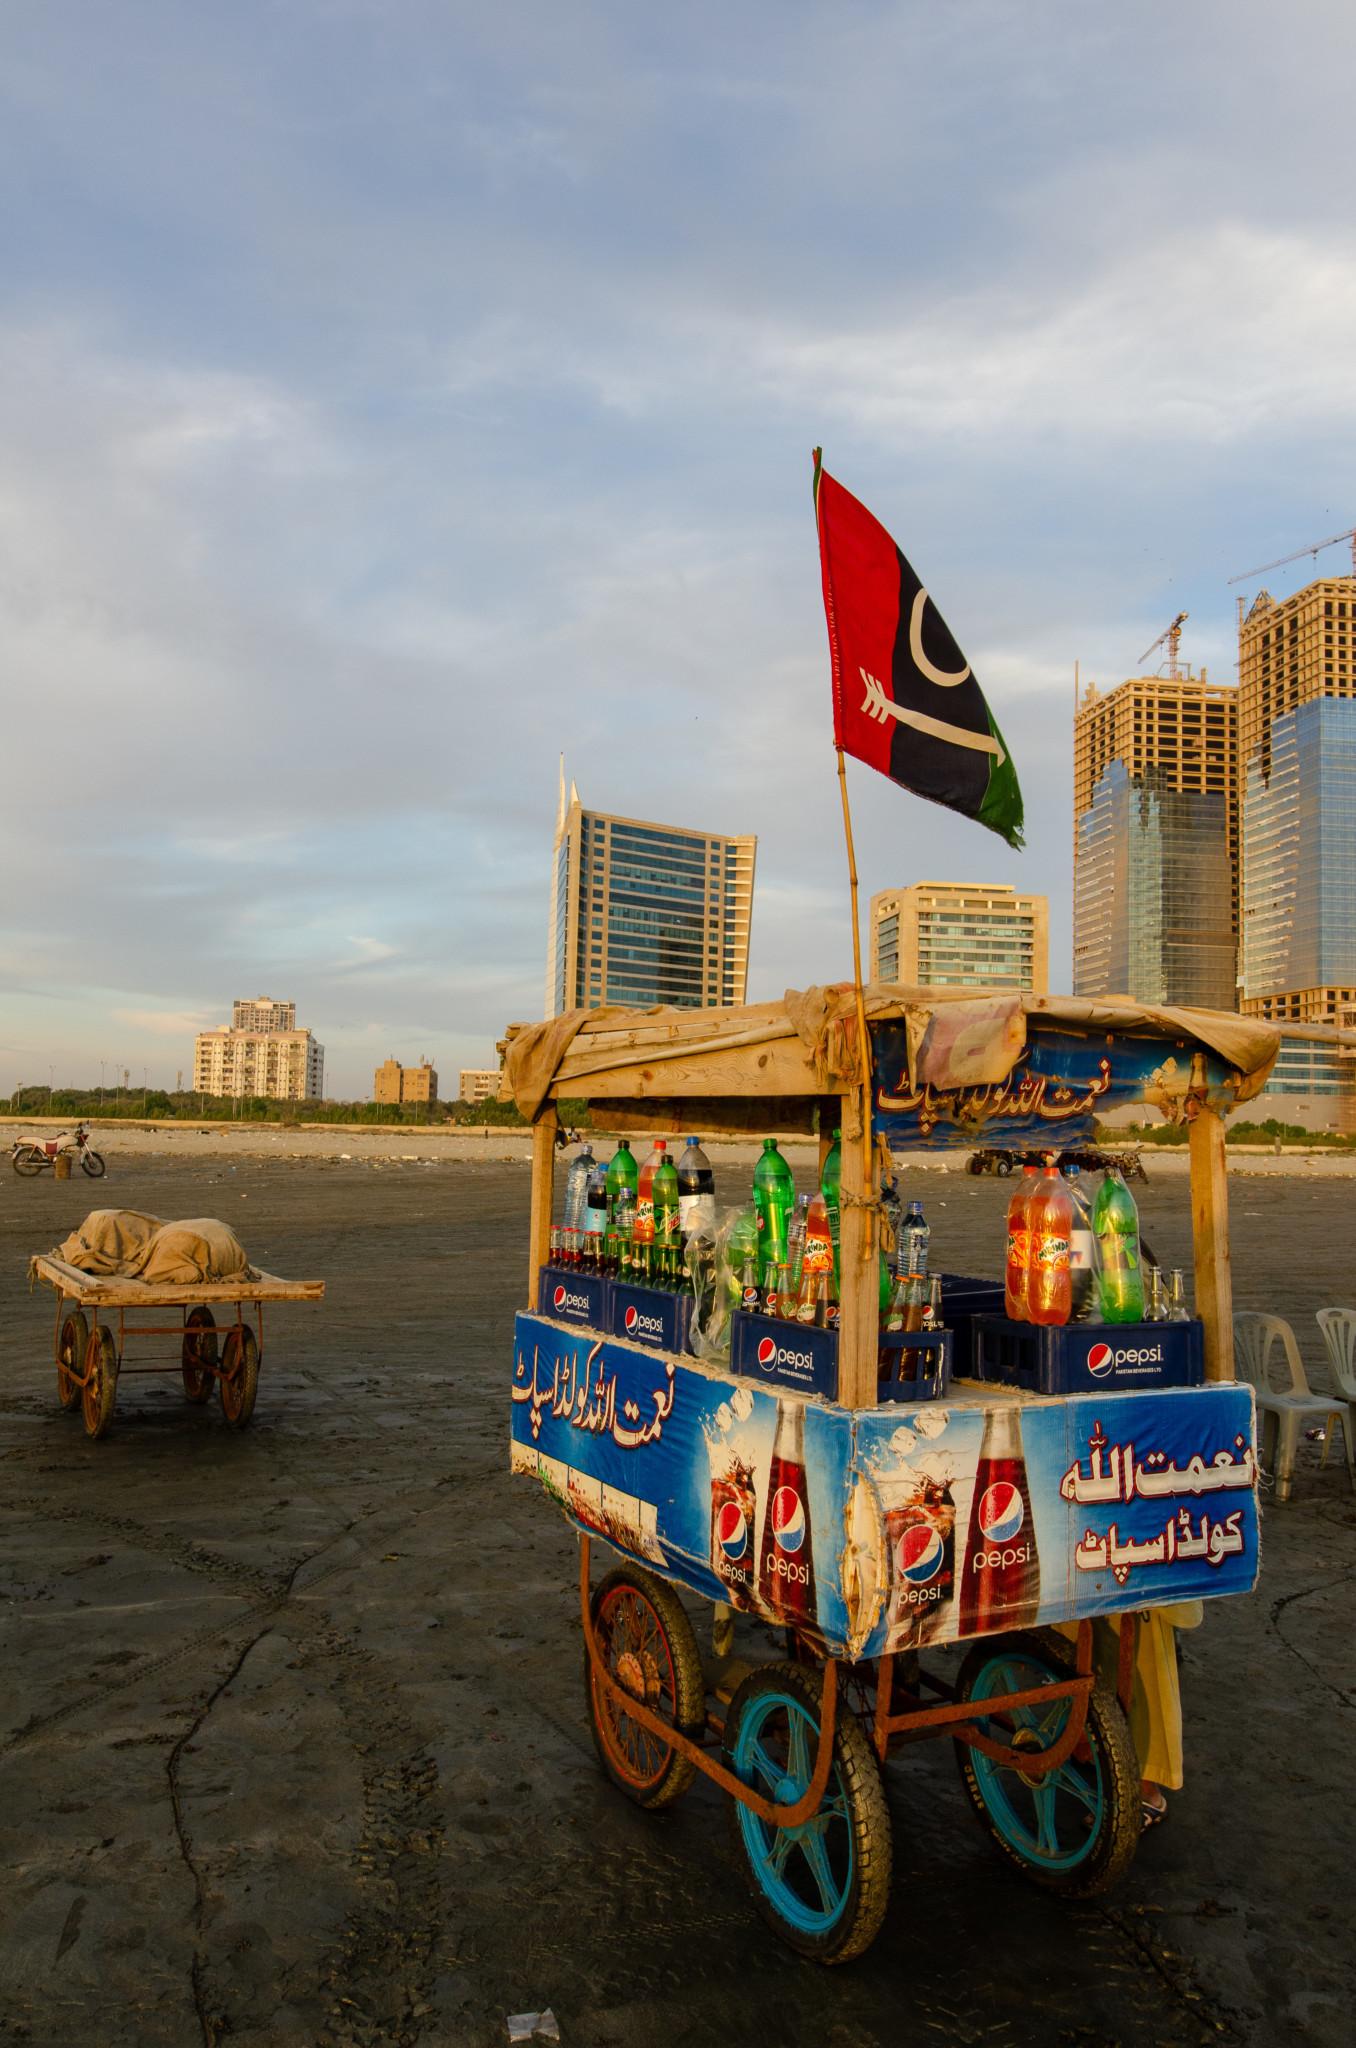 Verkaufsstand am Clifton Beach in Karatschi